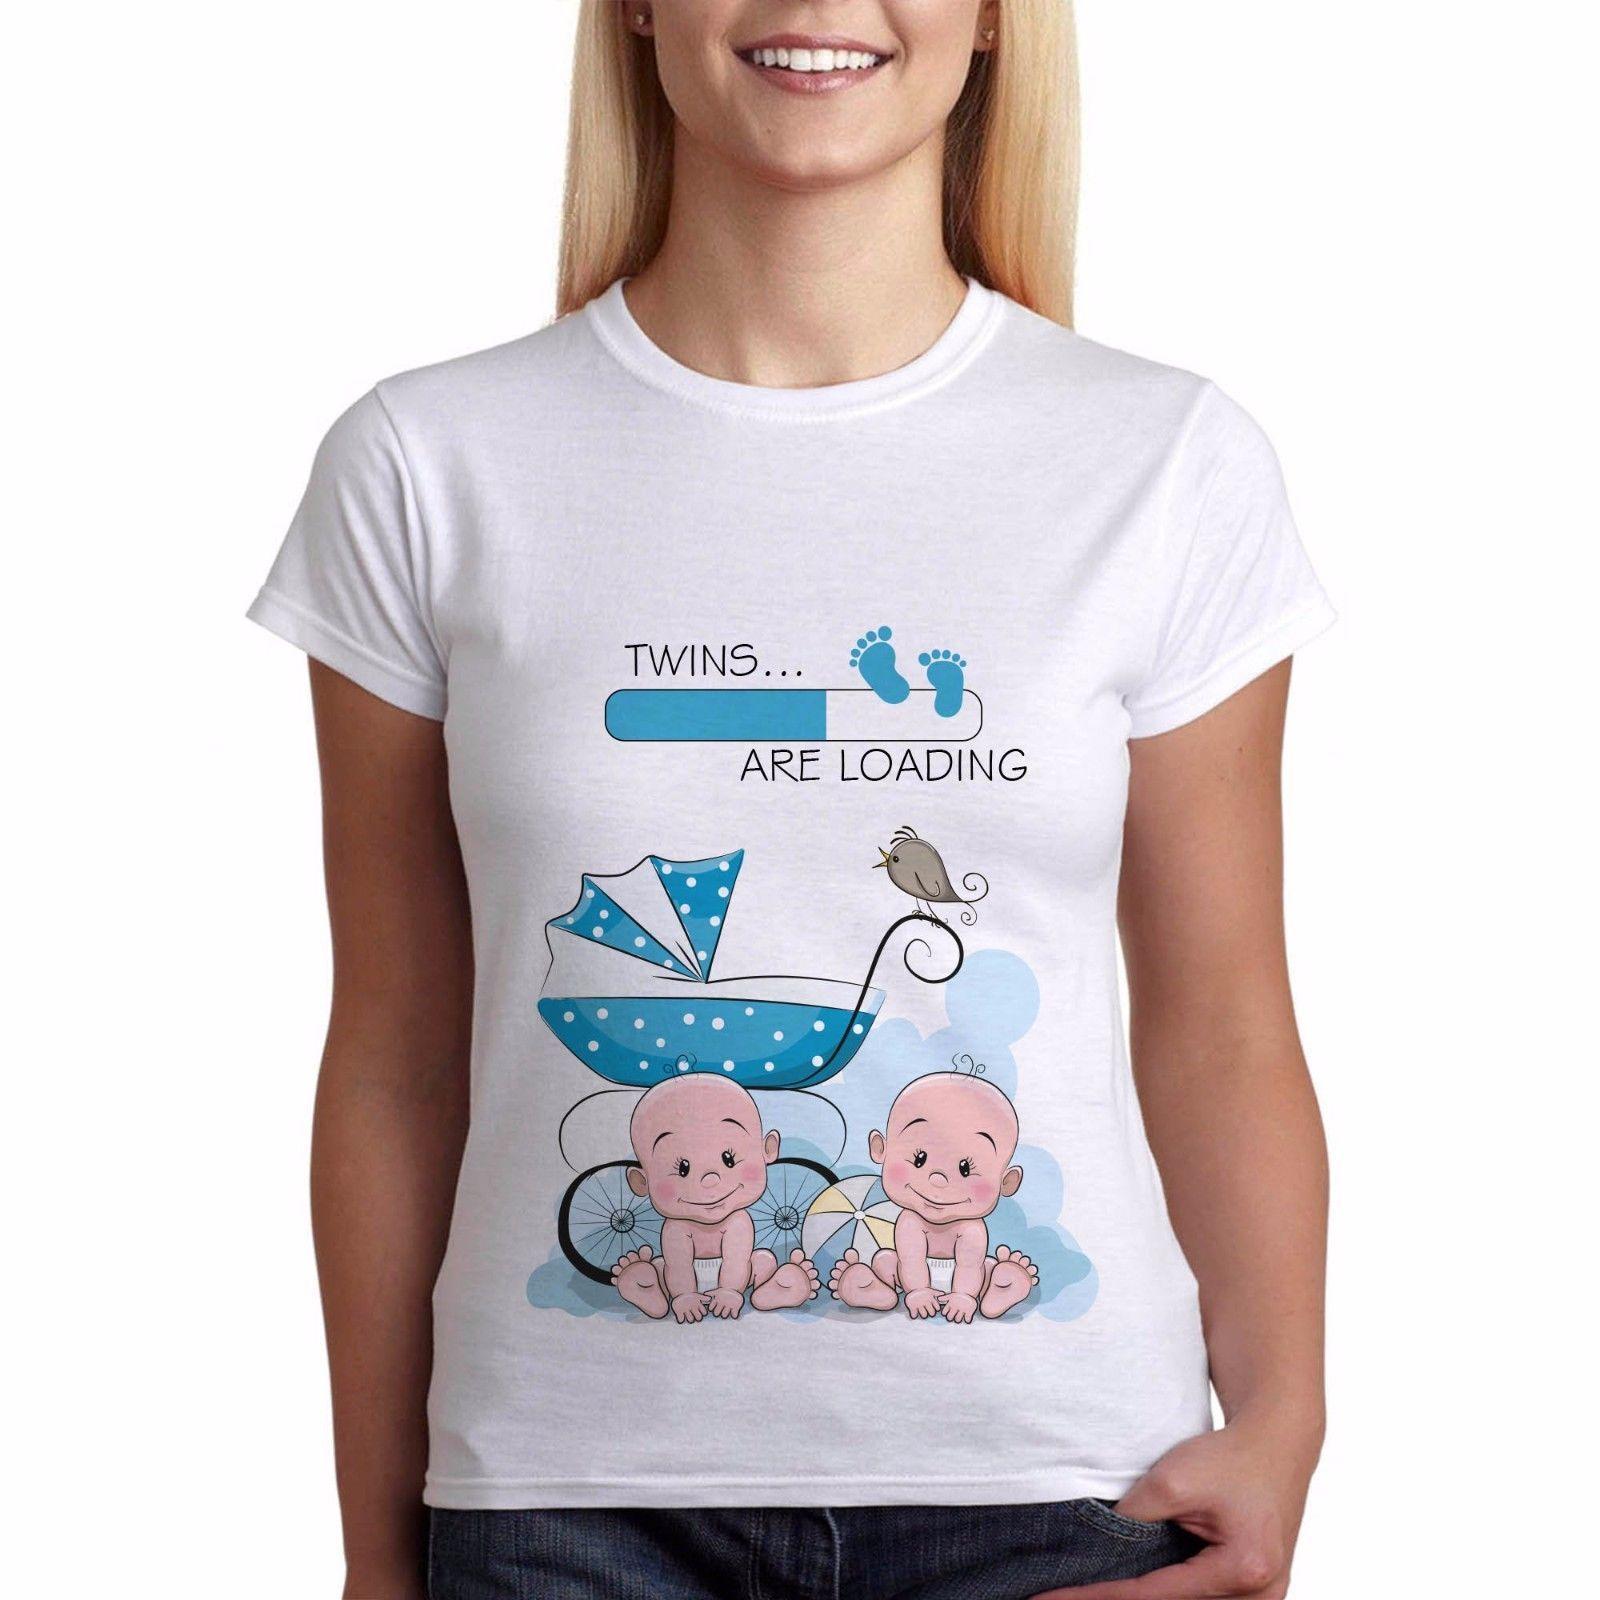 5239ad367 Compre Camiseta Para Mujer Baby Shower Mujer Embarazo Divertido Camiseta De  Maternidad Gemelos Niños Regalo Perfecto Camiseta Camiseta Coreana Harajuku  O ...